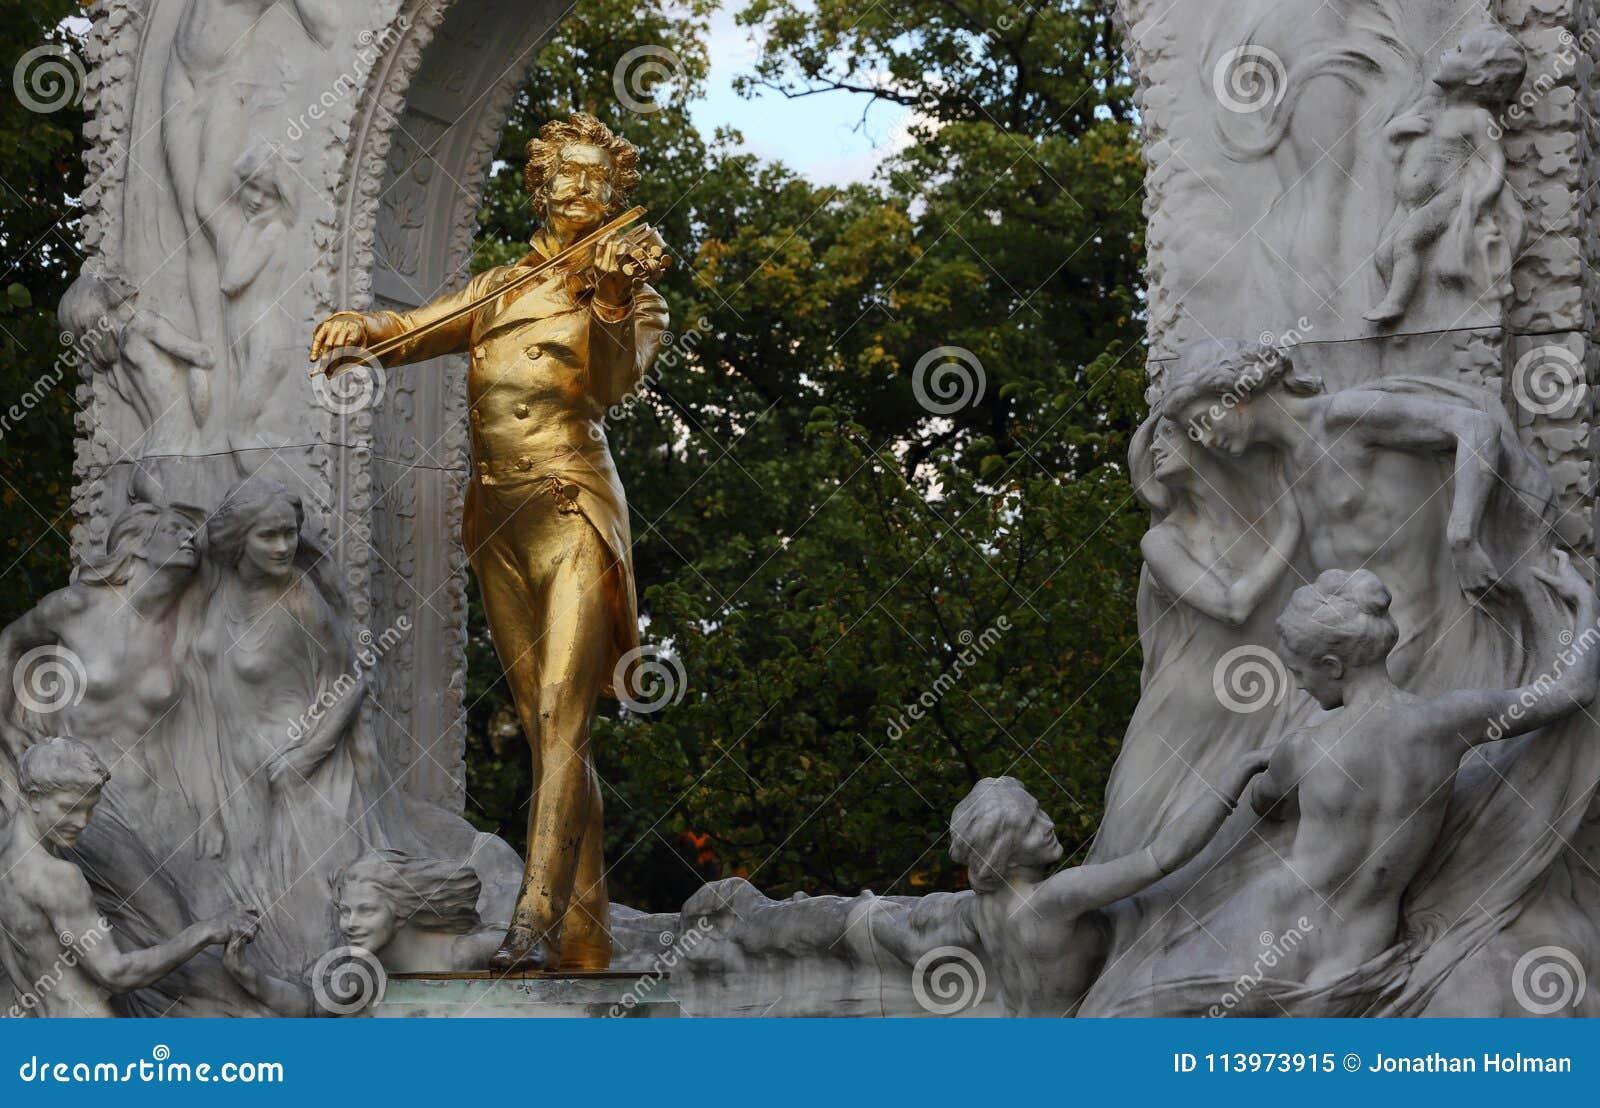 Άγαλμα του Στράους στη Βιέννη, Αυστρία, Wien Μουσική, συνθέτης Χρυσό άγαλμα